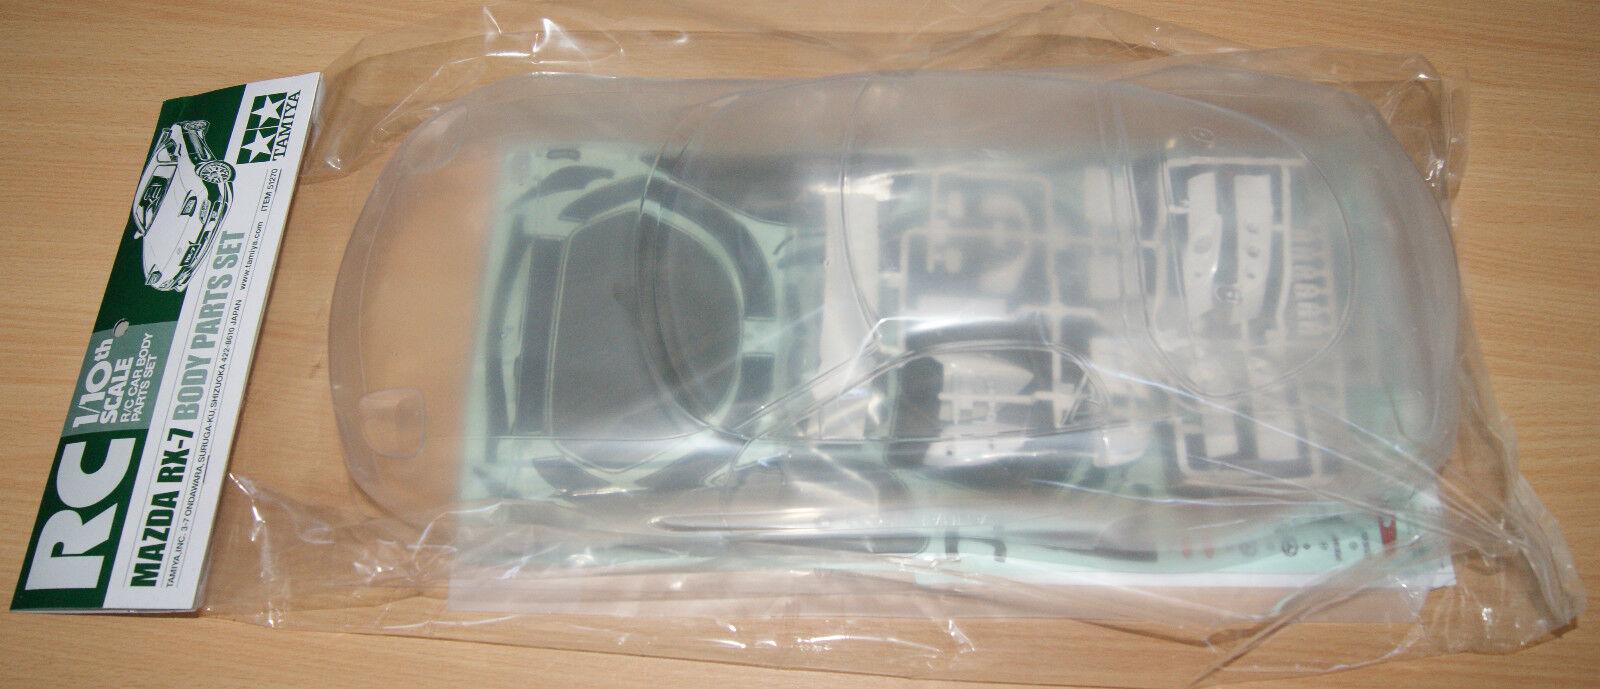 Tamiya 51270 Mazda RX-7 Body Parts Set (TT01 TT02D TT01E TT02 TT02D), NIP